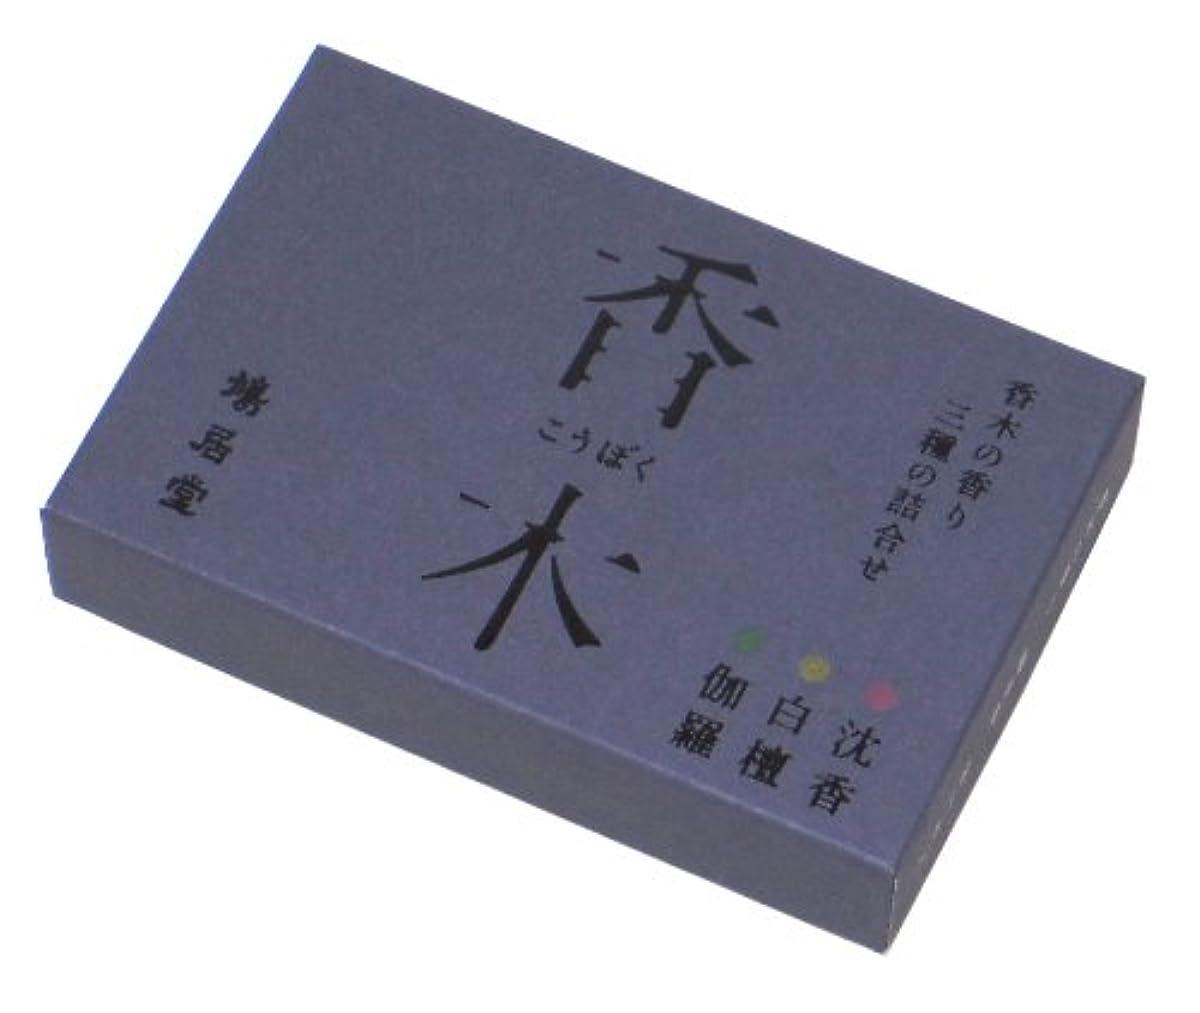 物質フォーク確認する鳩居堂のお香 香木の香り3種セット 3種類各10本入 6cm 香立入